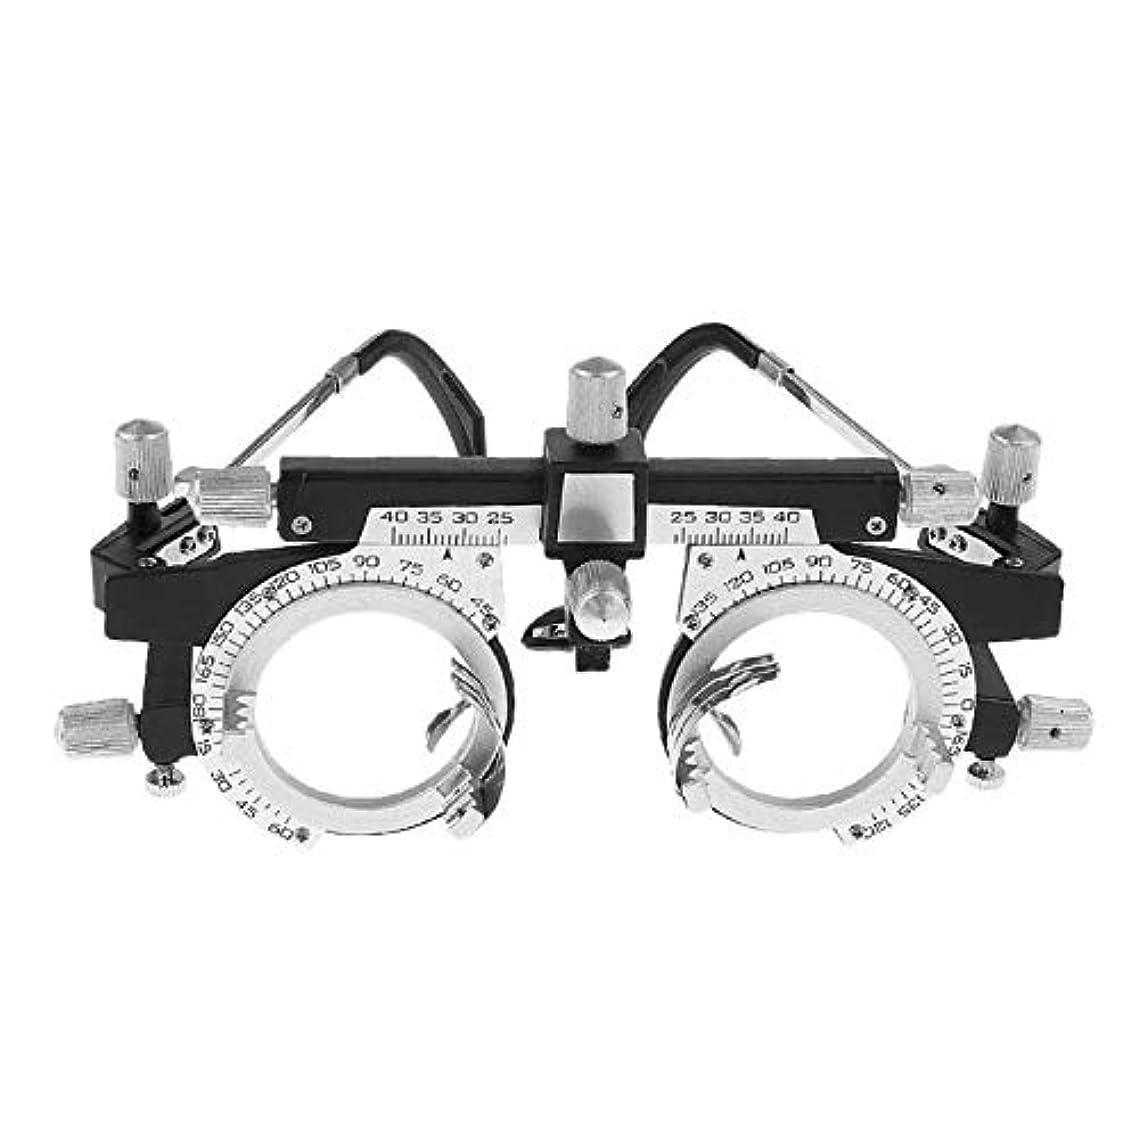 寸前慣れている逃れるQuquack 調整可能なプロフェッショナルアイウェア検眼メタルフレーム光学眼鏡眼鏡トライアルレンズメタルフレームPD眼鏡アクセサリー